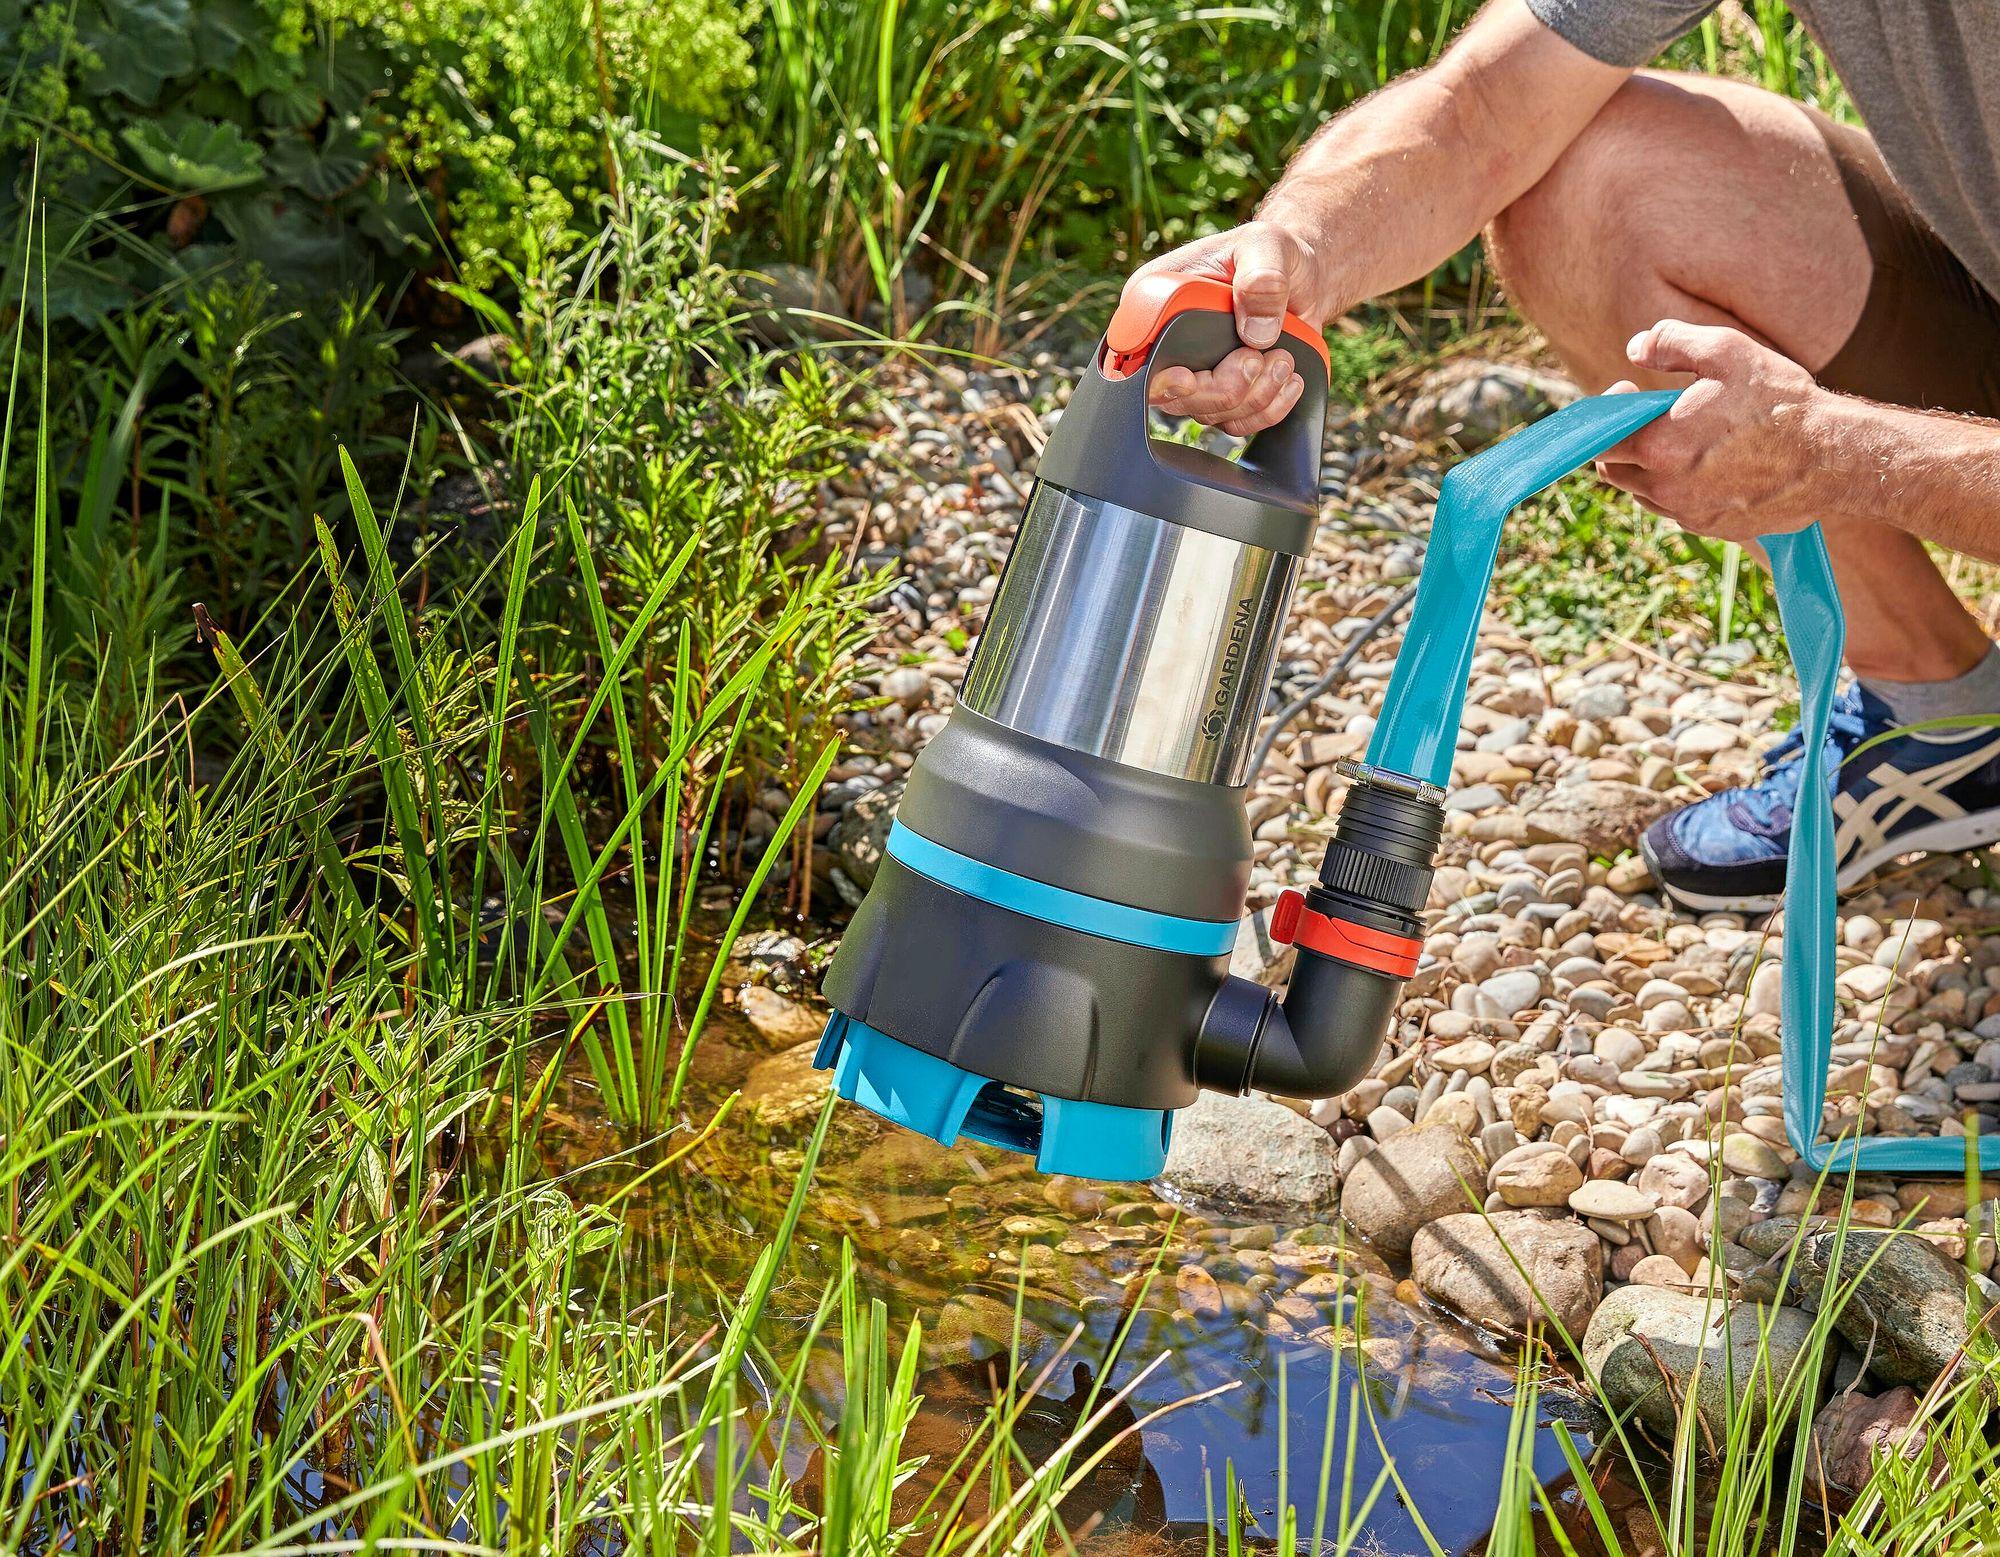 Veden saa järvestä esimerkiksi Gardenian uppopumpulla. Uppopumpulla voi tyhjentää myös tulvivan kellarin. © Gardenia